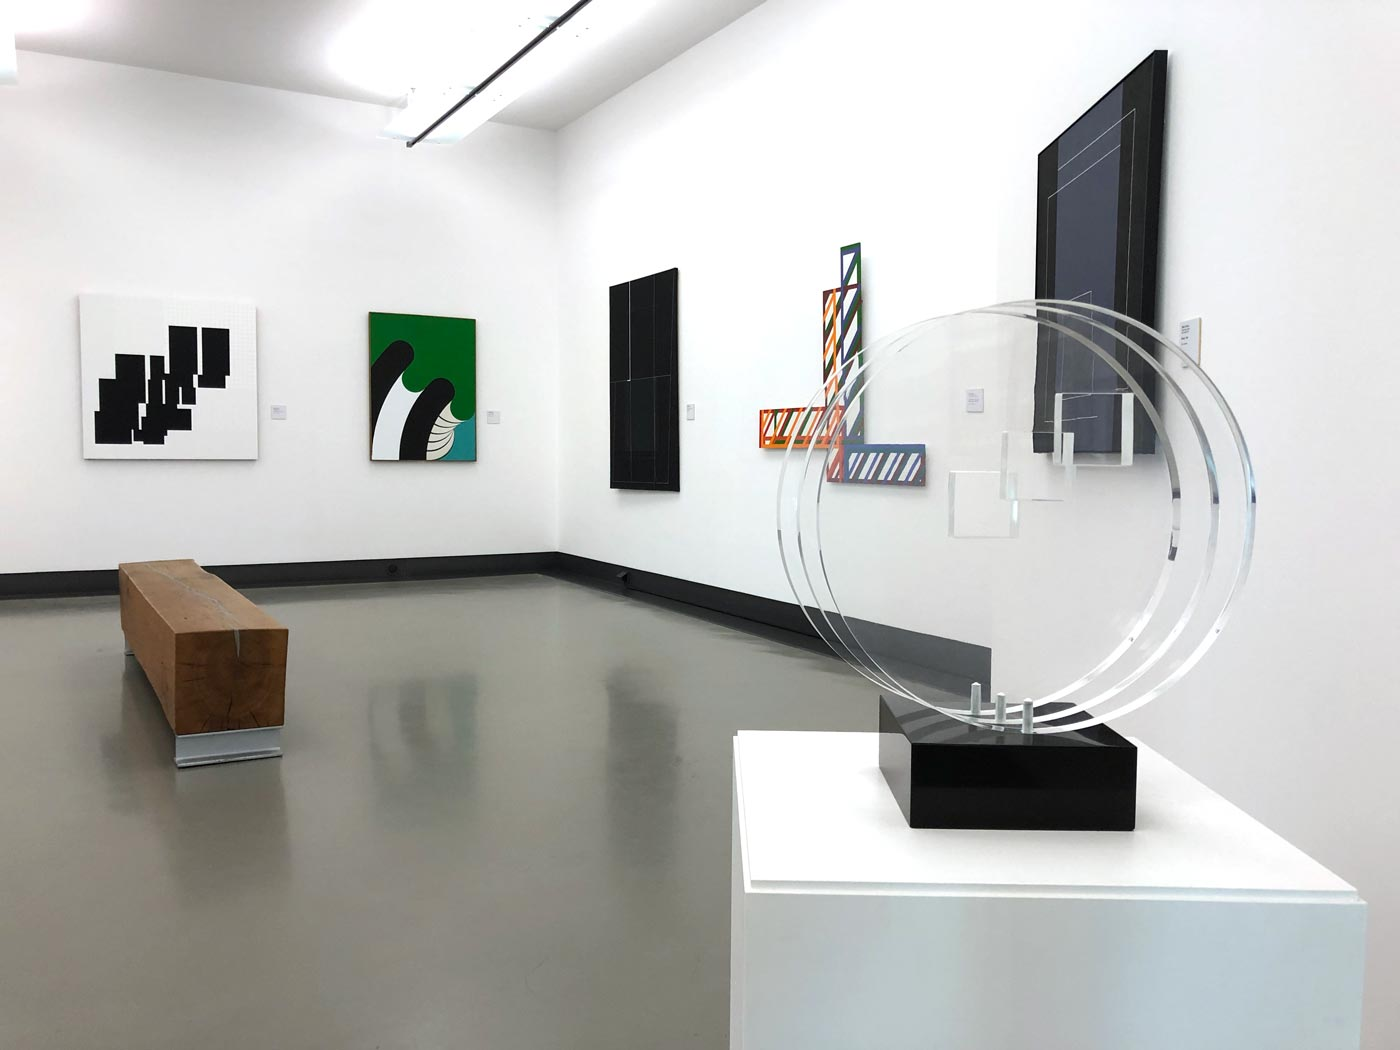 Ausstellungsraum mit skulpturalen Exponaten und Bildern an den Wänden